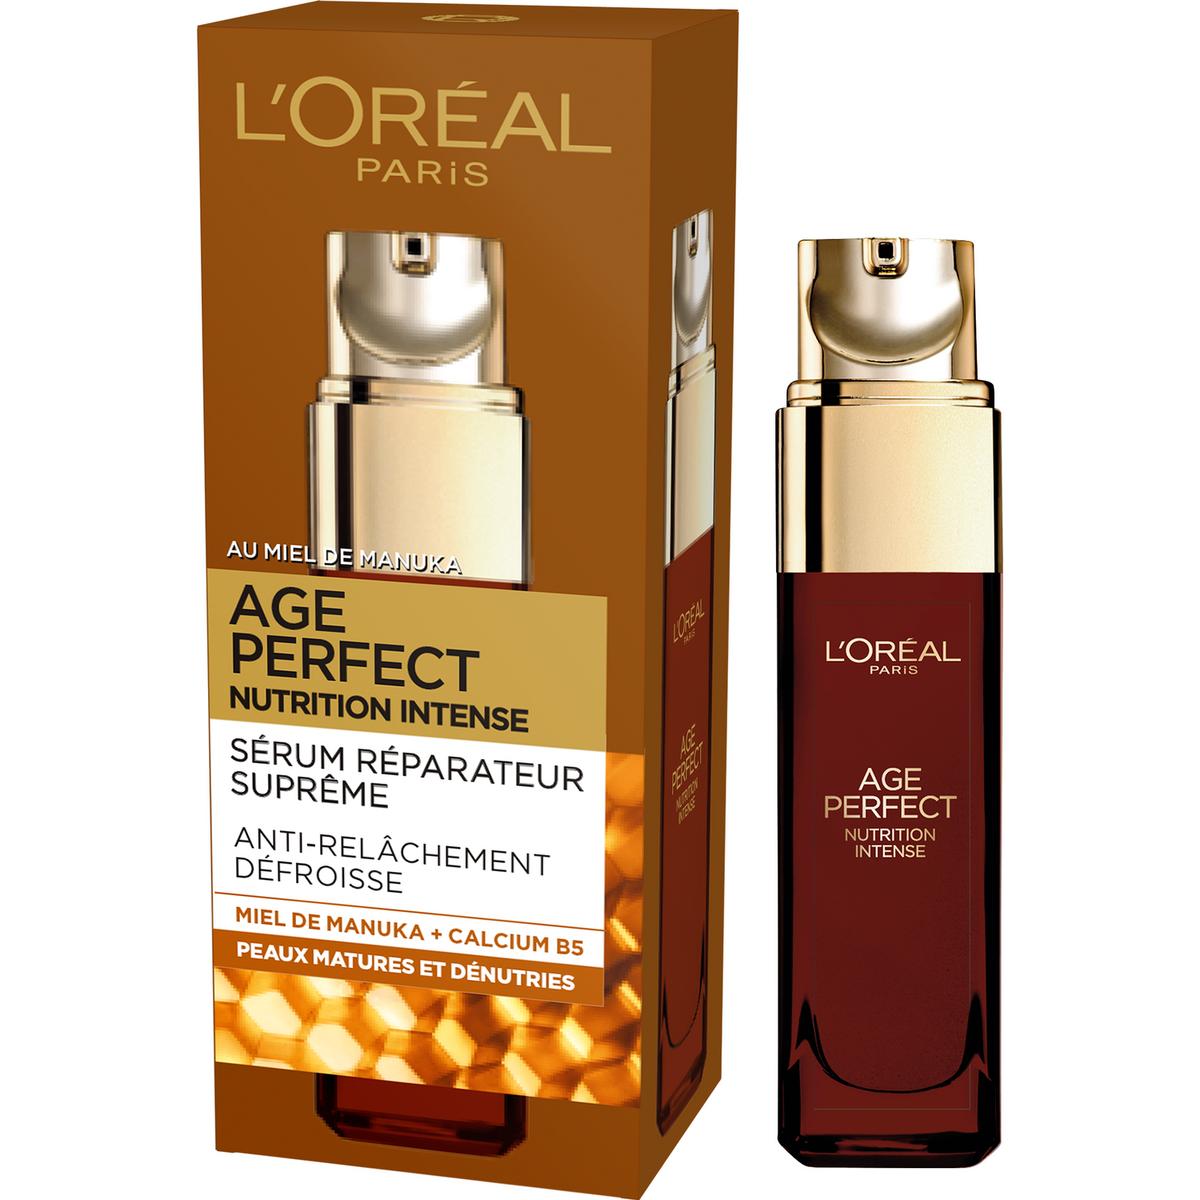 L'Oréal age perfect sérum nutrition intense 30ml